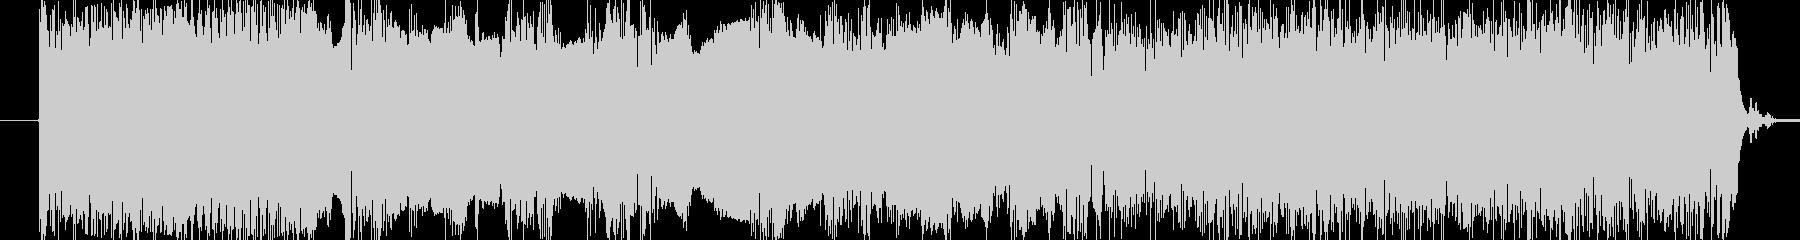 ヘビーなEギターサウンドの早弾きソロの未再生の波形